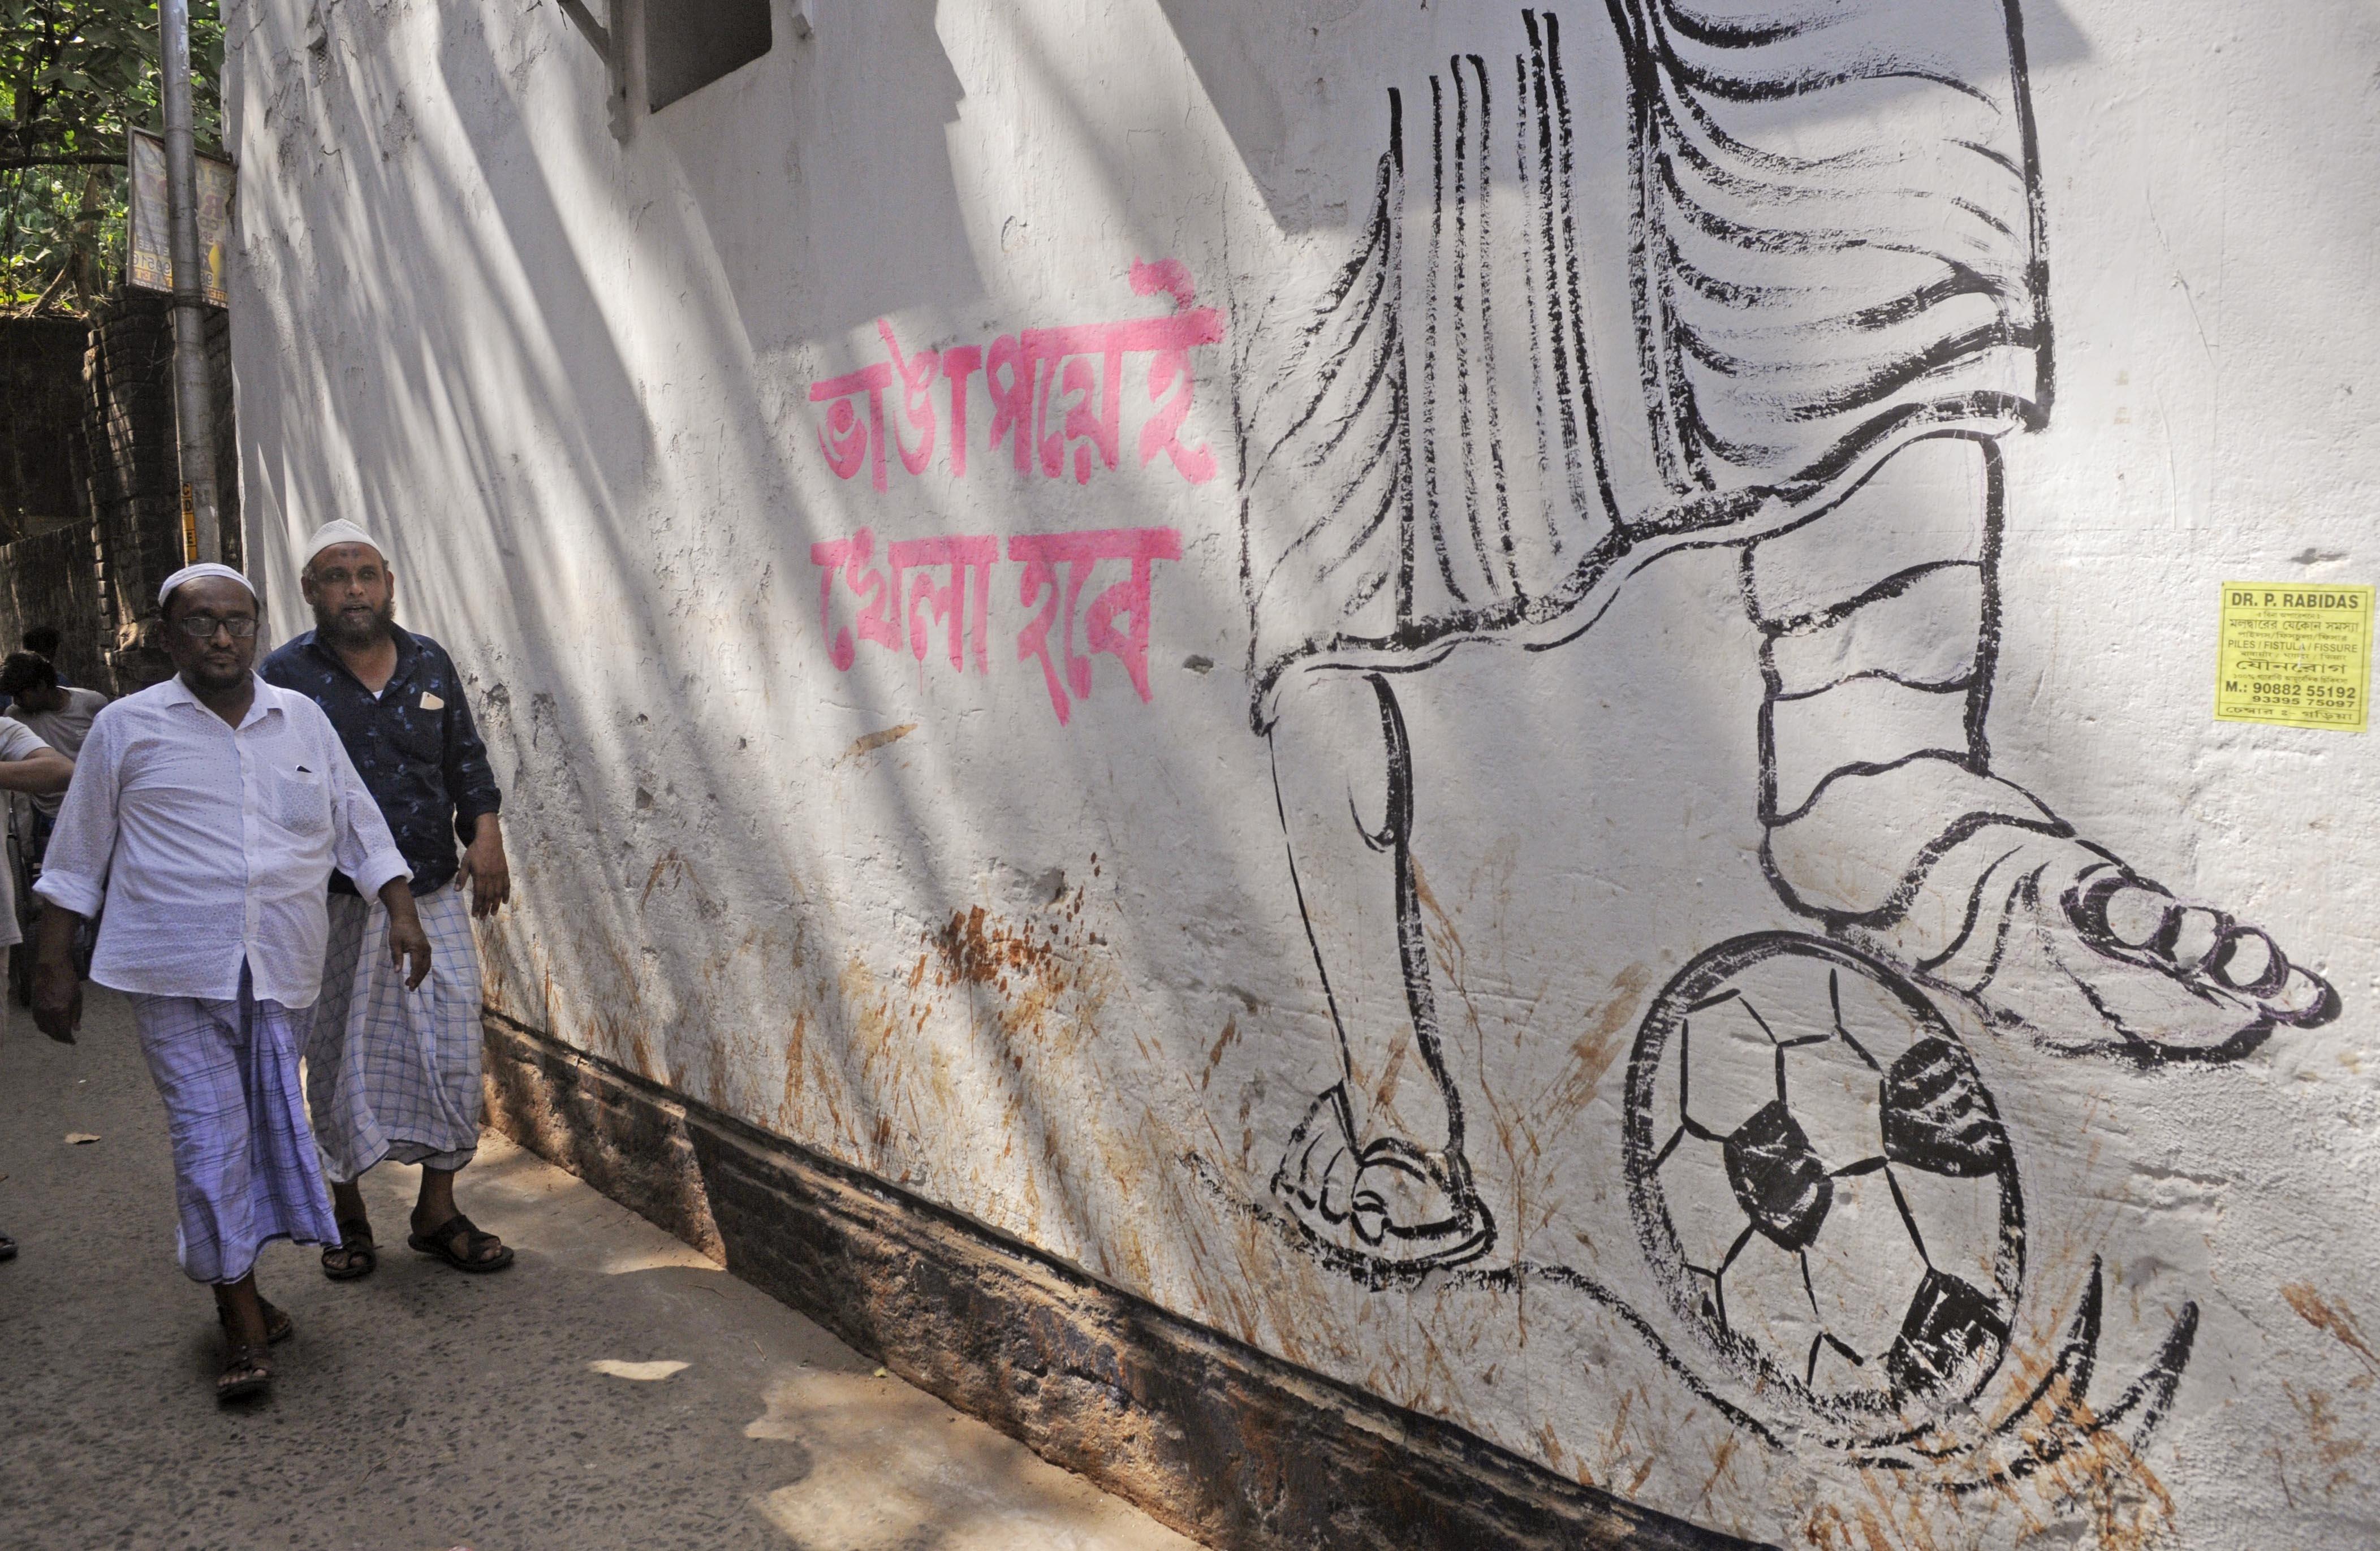 নন্দকুমার - ২০১৬ সালের বিধানসভা নির্বাচনে জয়ী তৃণমূল। ২০১৯ সালের লোকসভা ভোটের নিরিখে এগিয়ে তৃণমূল। (ছবিটি প্রতীকী, সৌজন্য এএনআই)